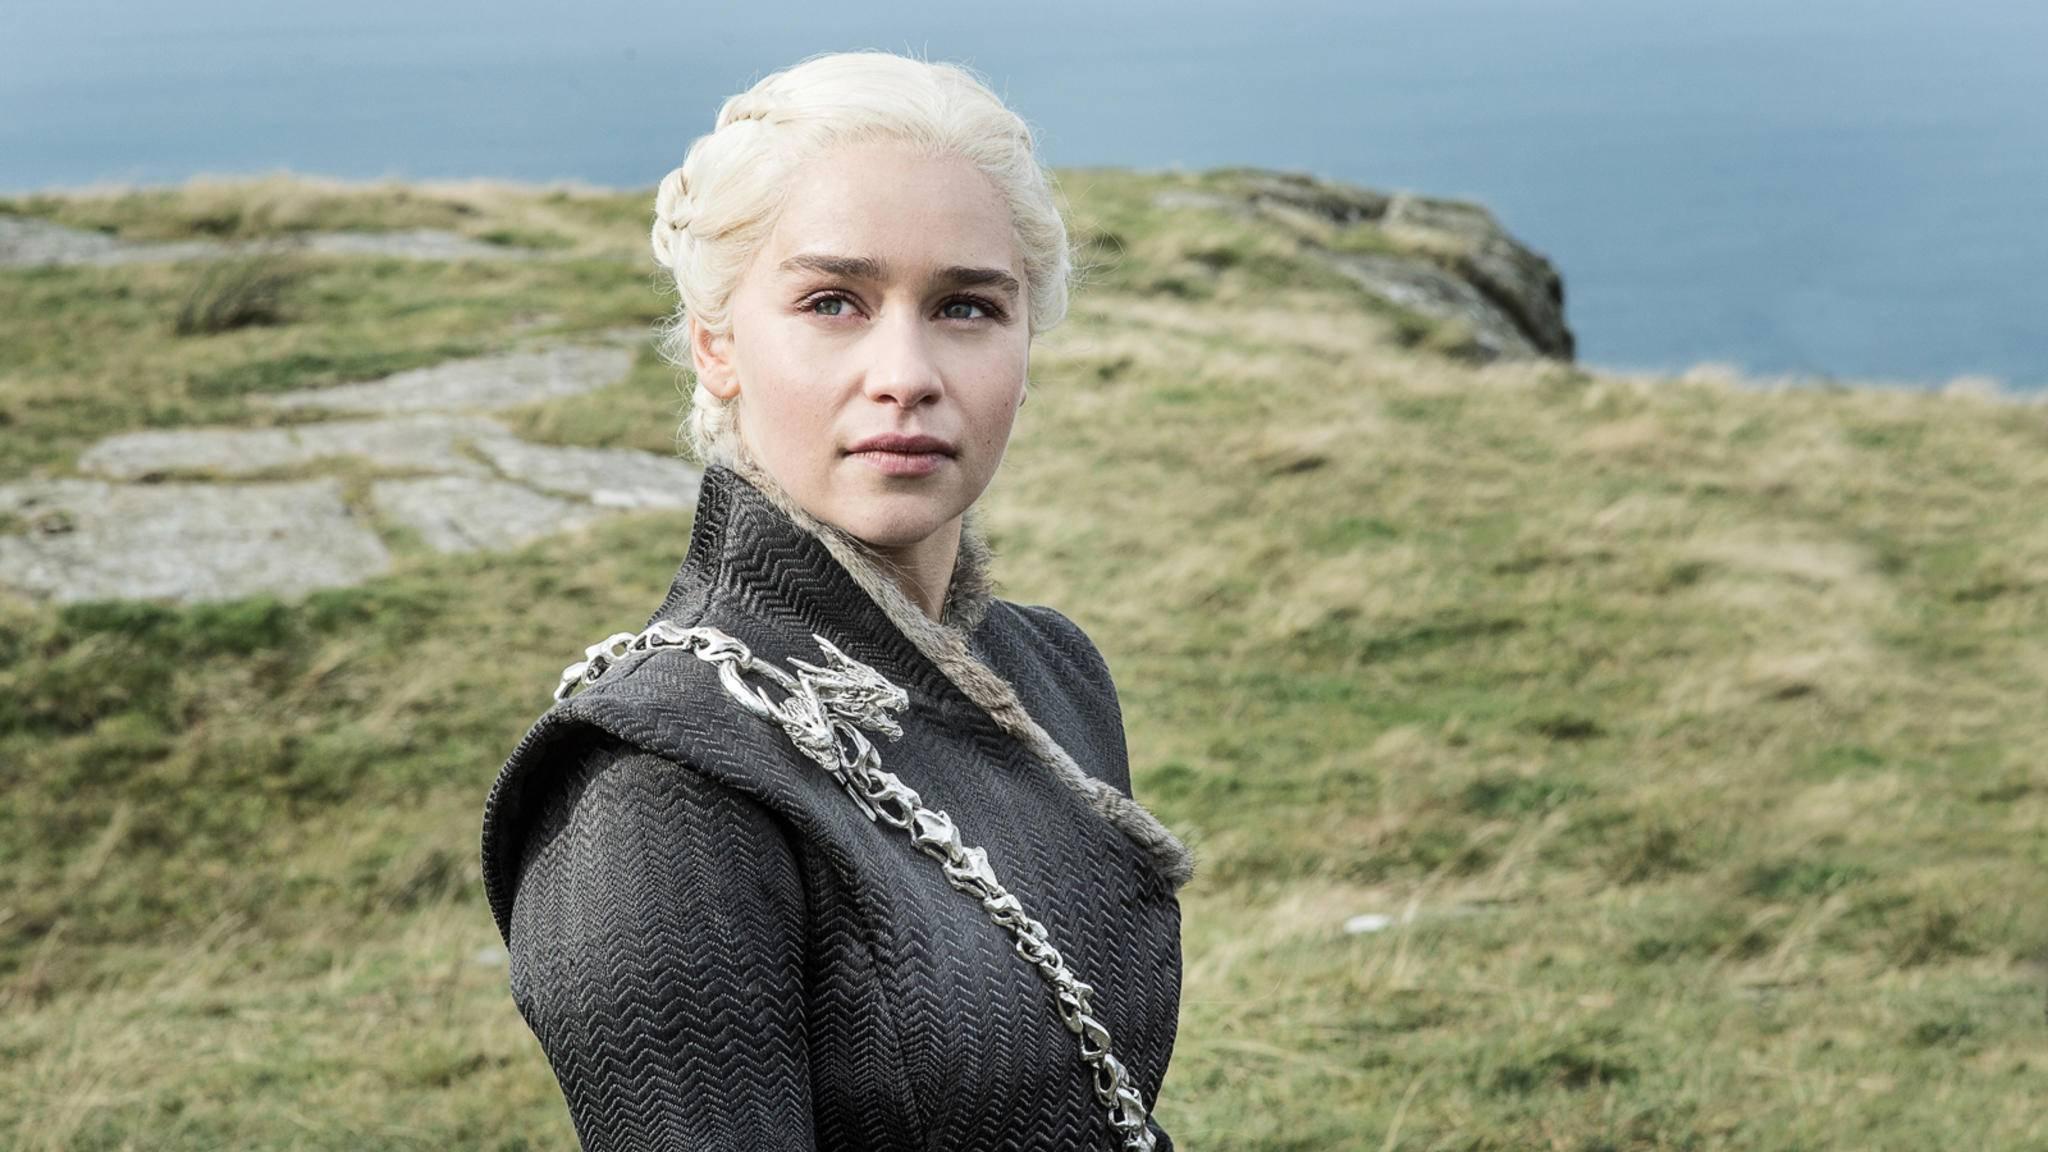 """Emilia Clarke spricht Tacheles! Die Kritik an der Freizügigkeit in """"Game of Thrones"""" nervt sie."""